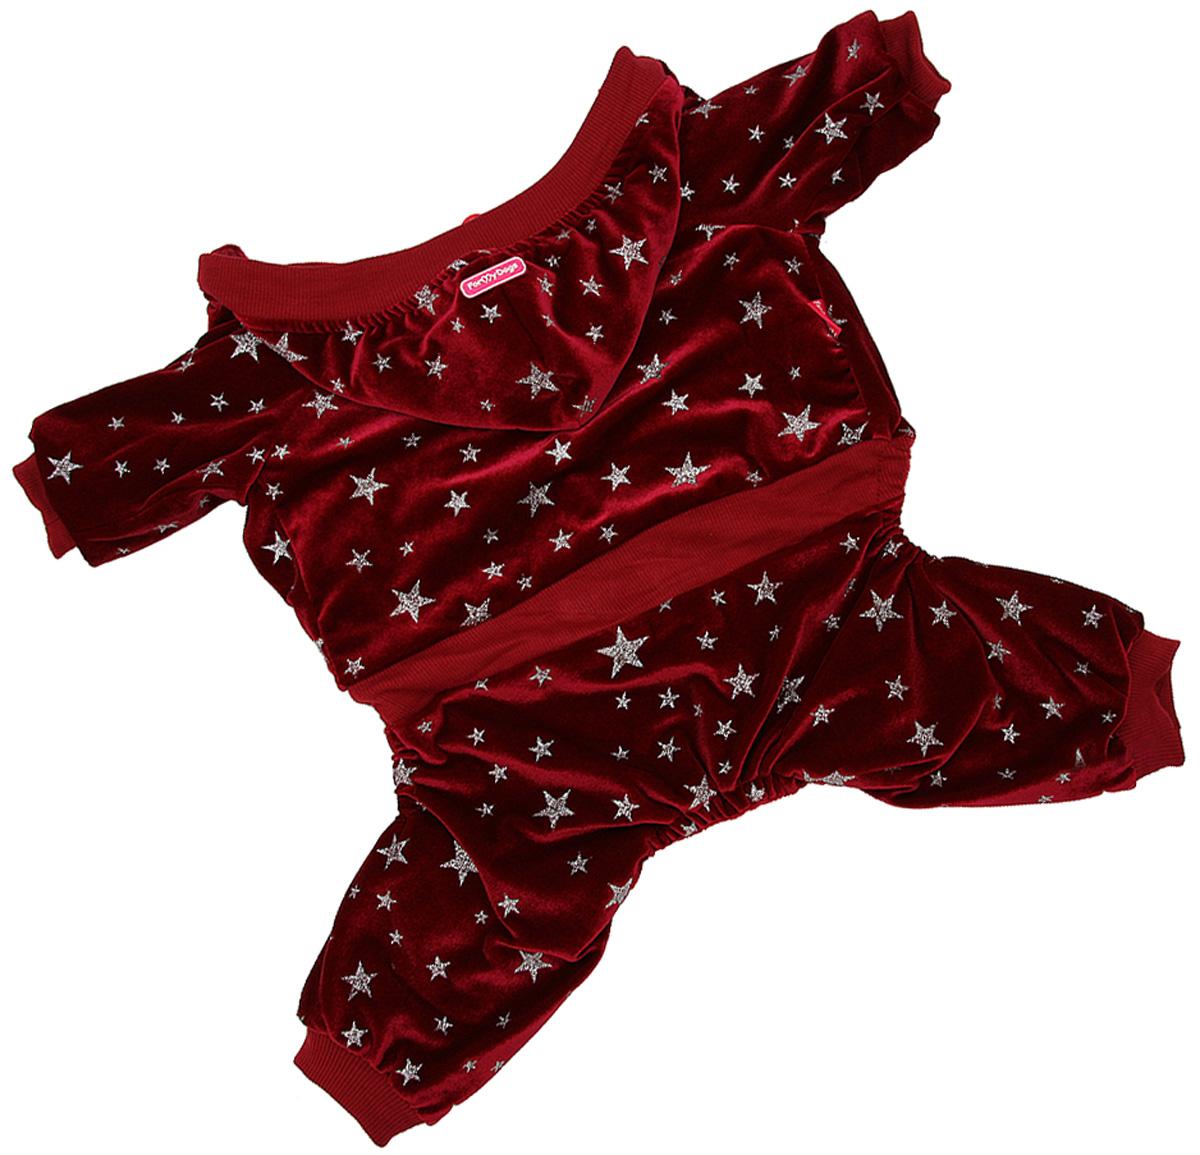 For My Dogs костюм для собак утепленный велюр бордовый Fw915-2020  (10)